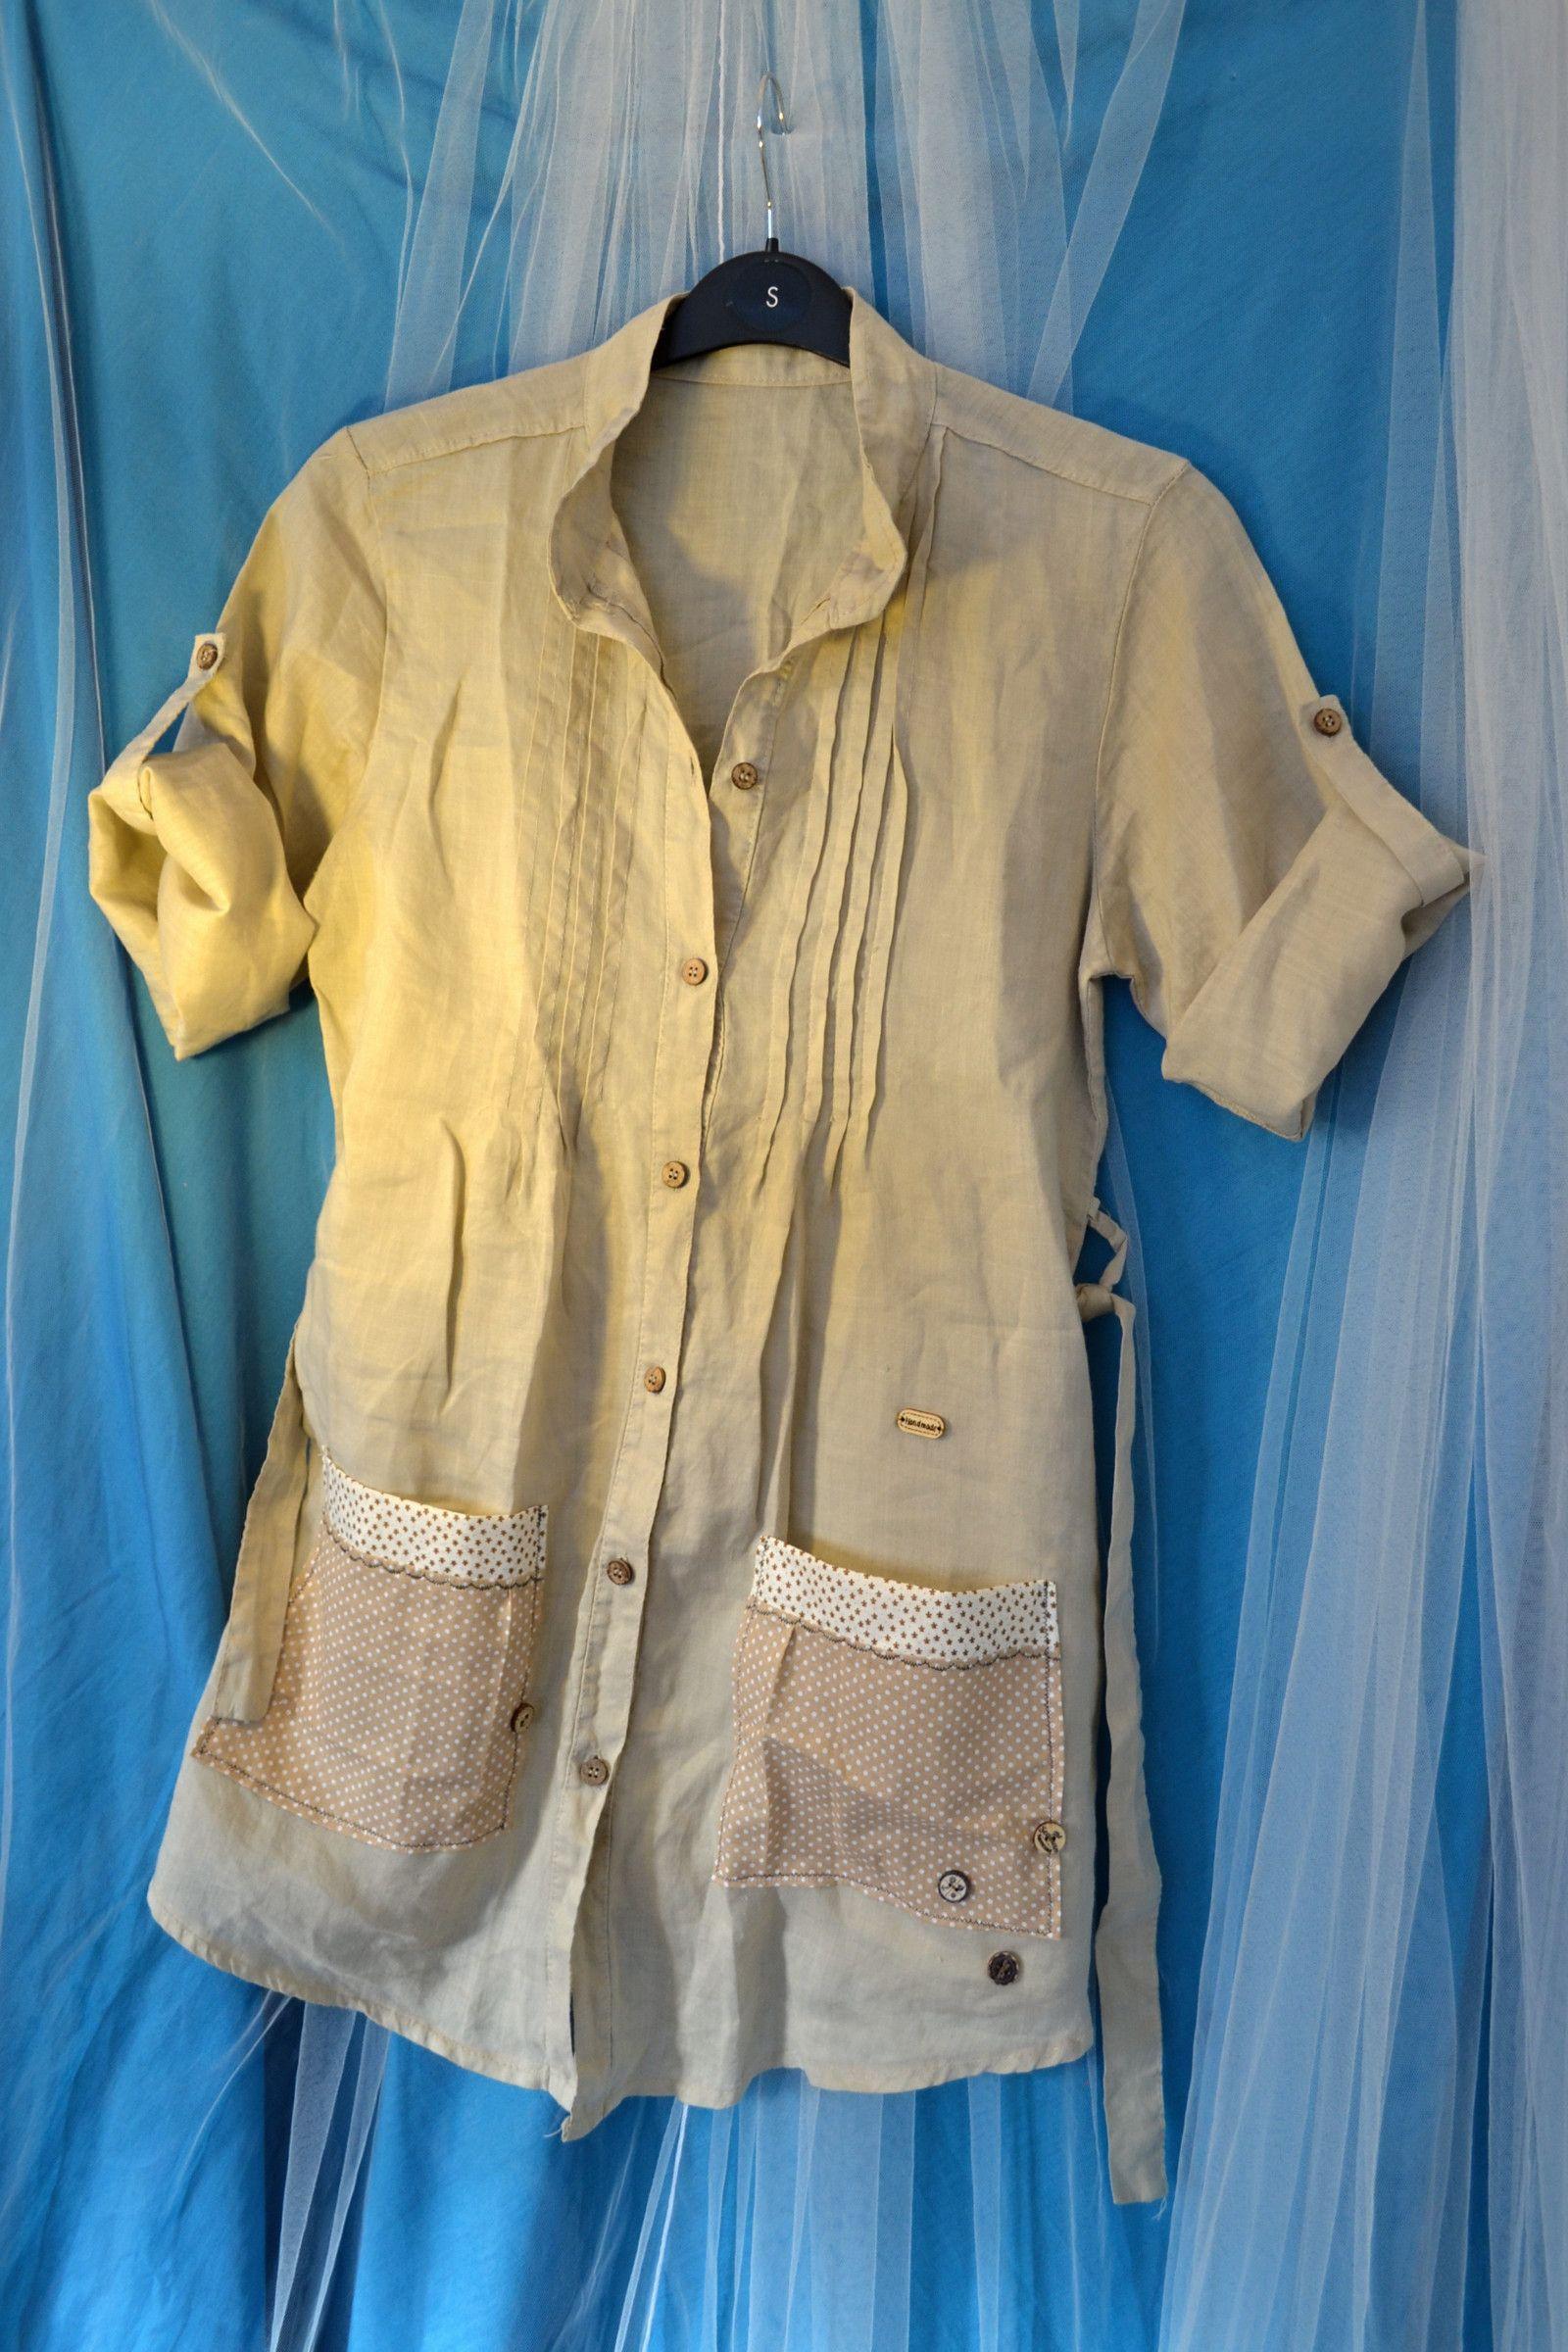 dfeab3ac986 Recyklo+dlouhá+lněná+košile+vel.+M+(38 40)+Recyklo+lněná+košile